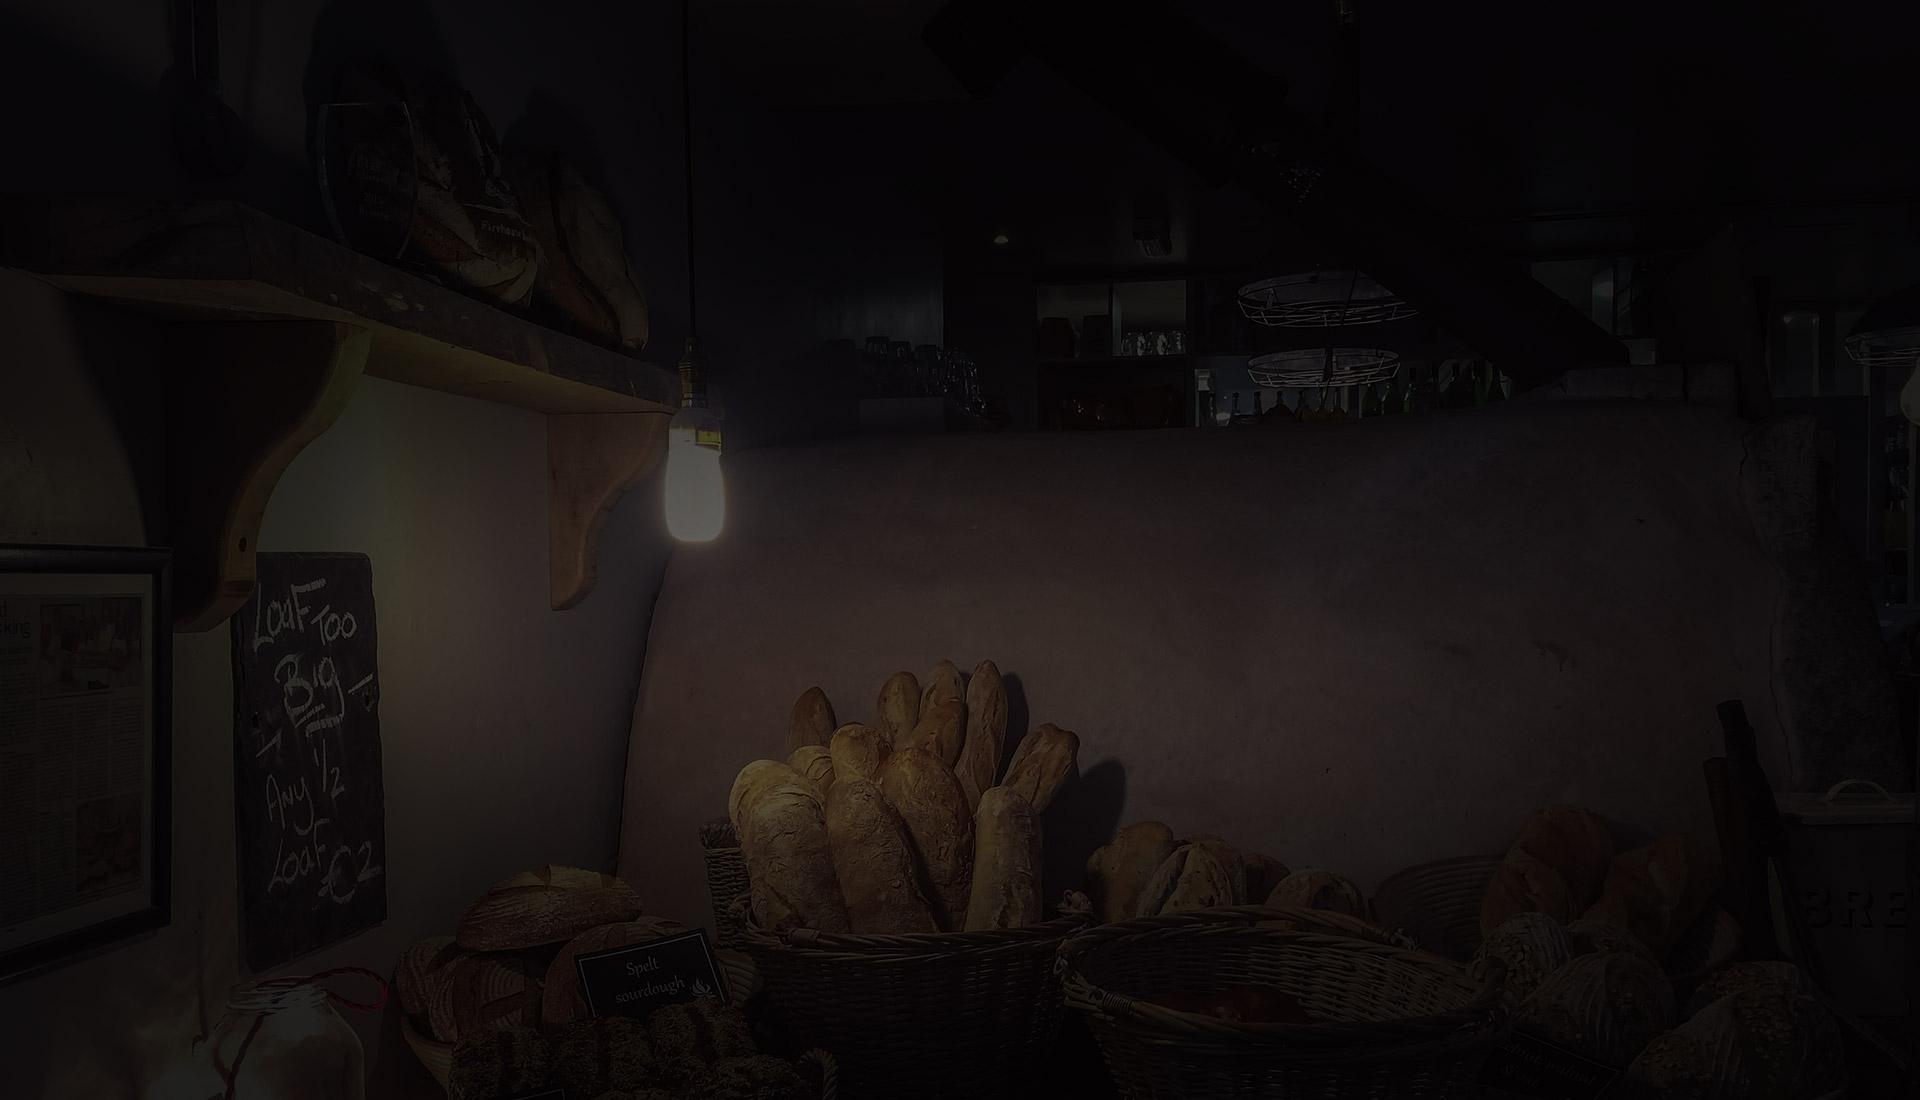 Místnost s pečivem